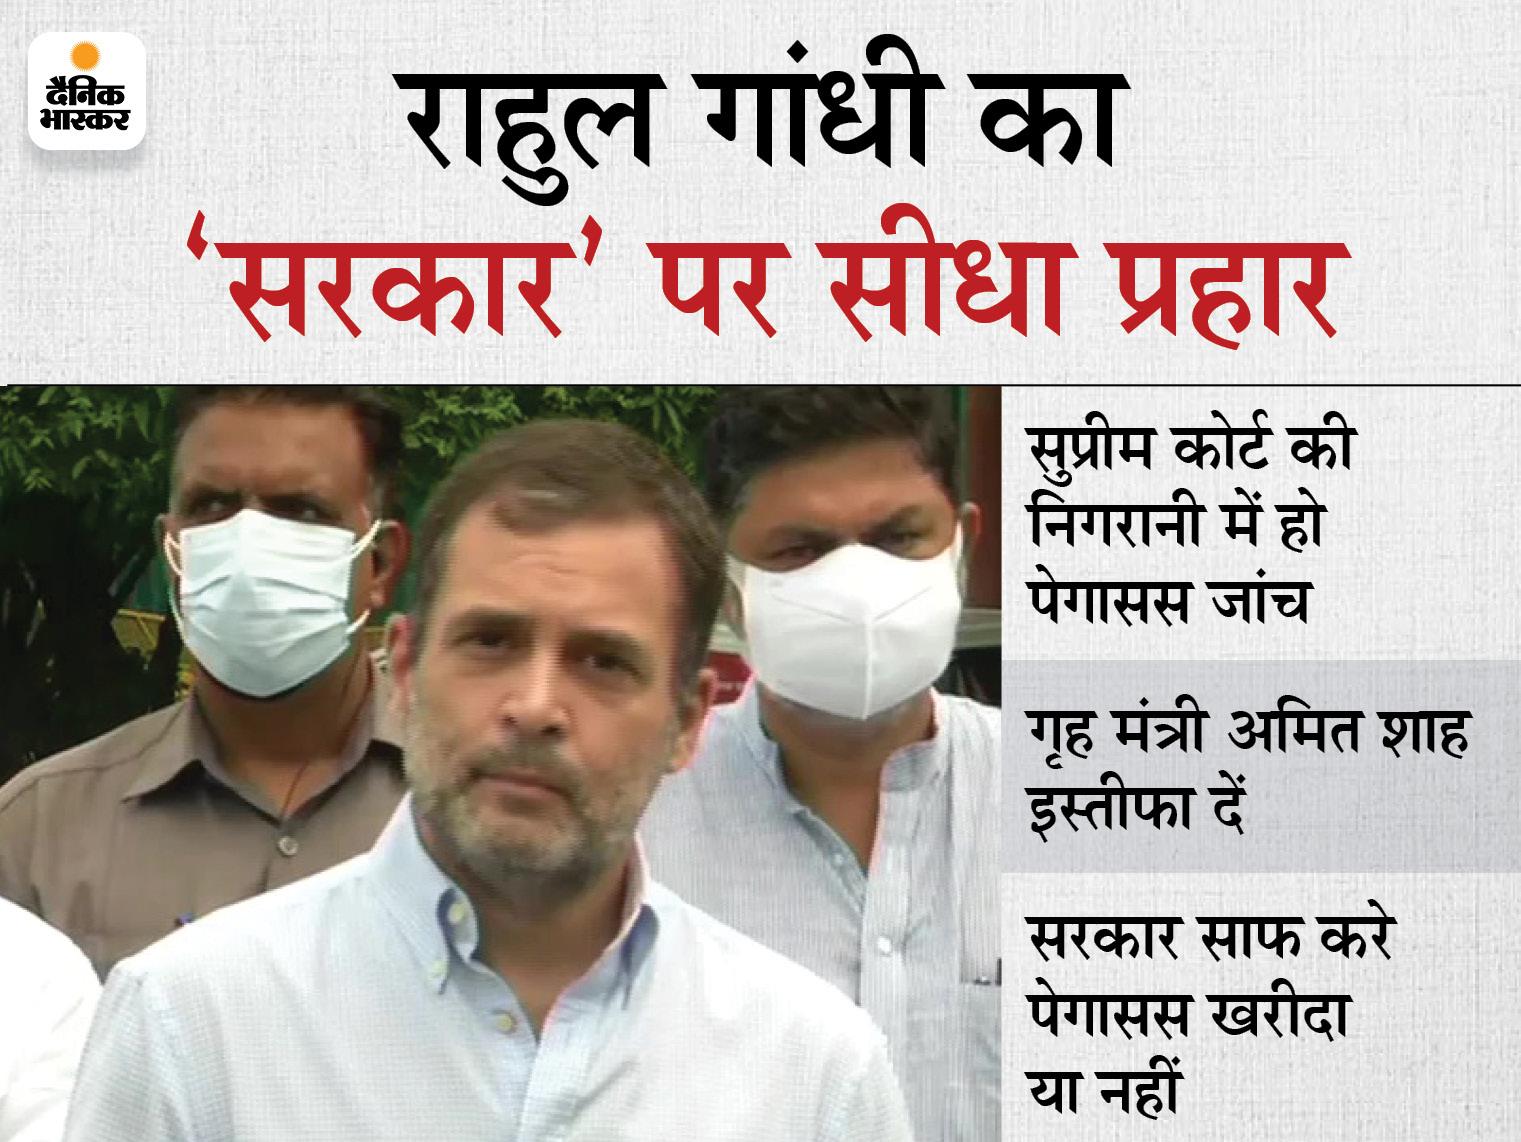 राहुल गांधी ने कहा- मेरा फोन टैप हुआ, सुप्रीम कोर्ट की निगरानी में जांच की जाए; गृह मंत्री का इस्तीफा मांगा|देश,National - Dainik Bhaskar